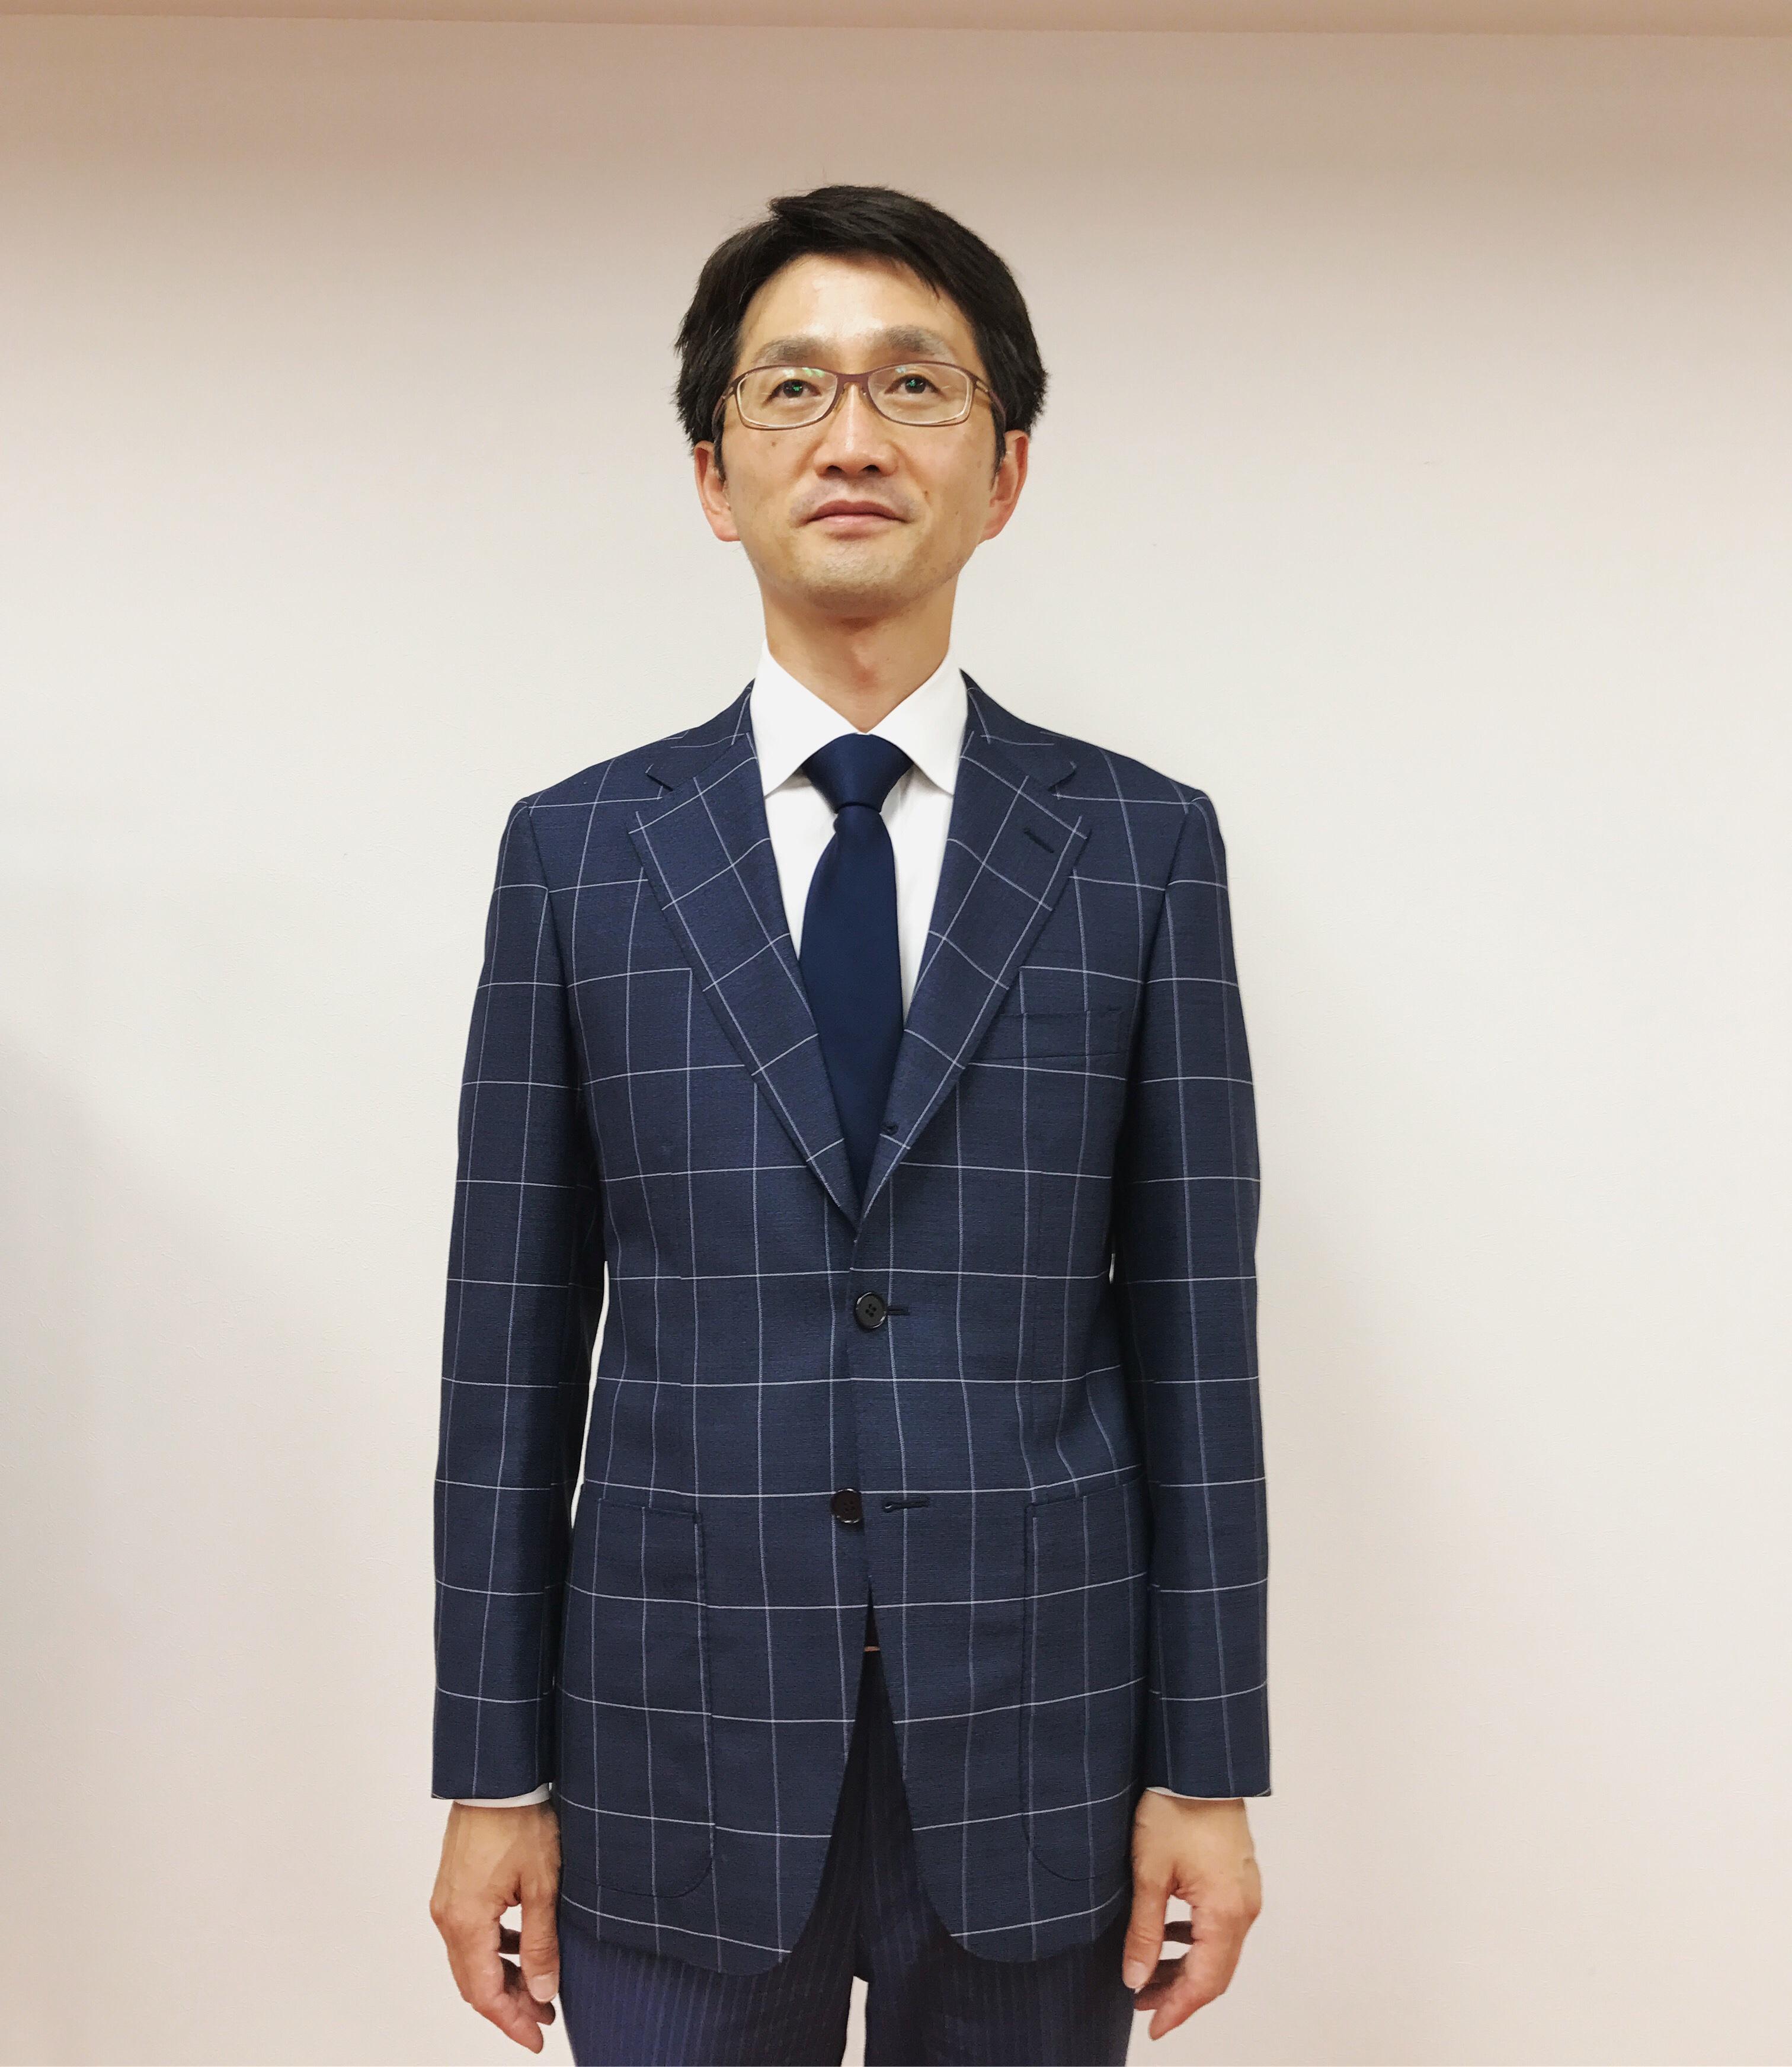 弁護士のジャケット選び